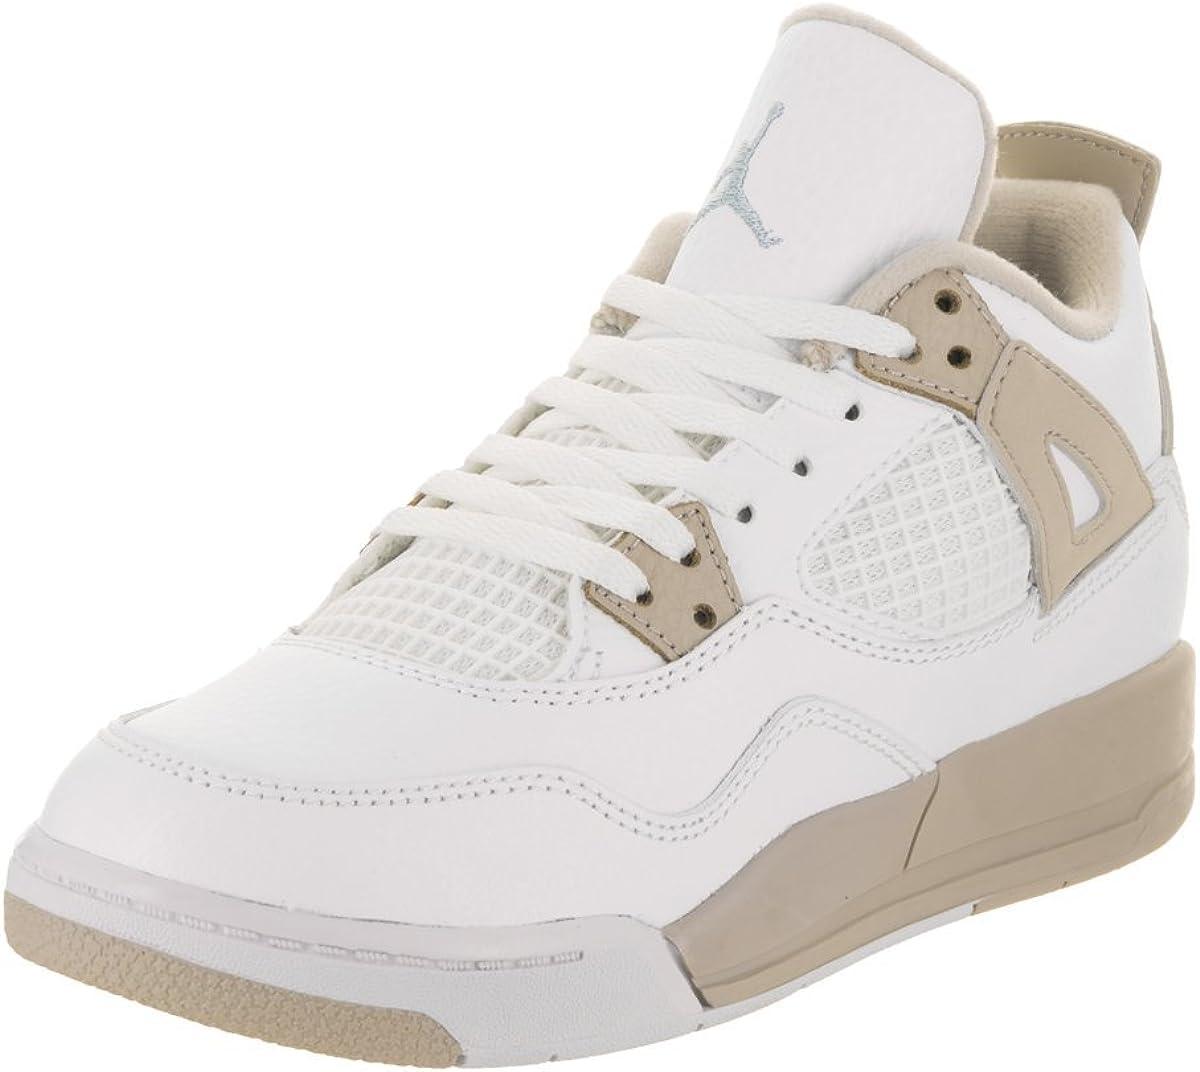 Jordan 4 Retro GP Little Kid's Shoes